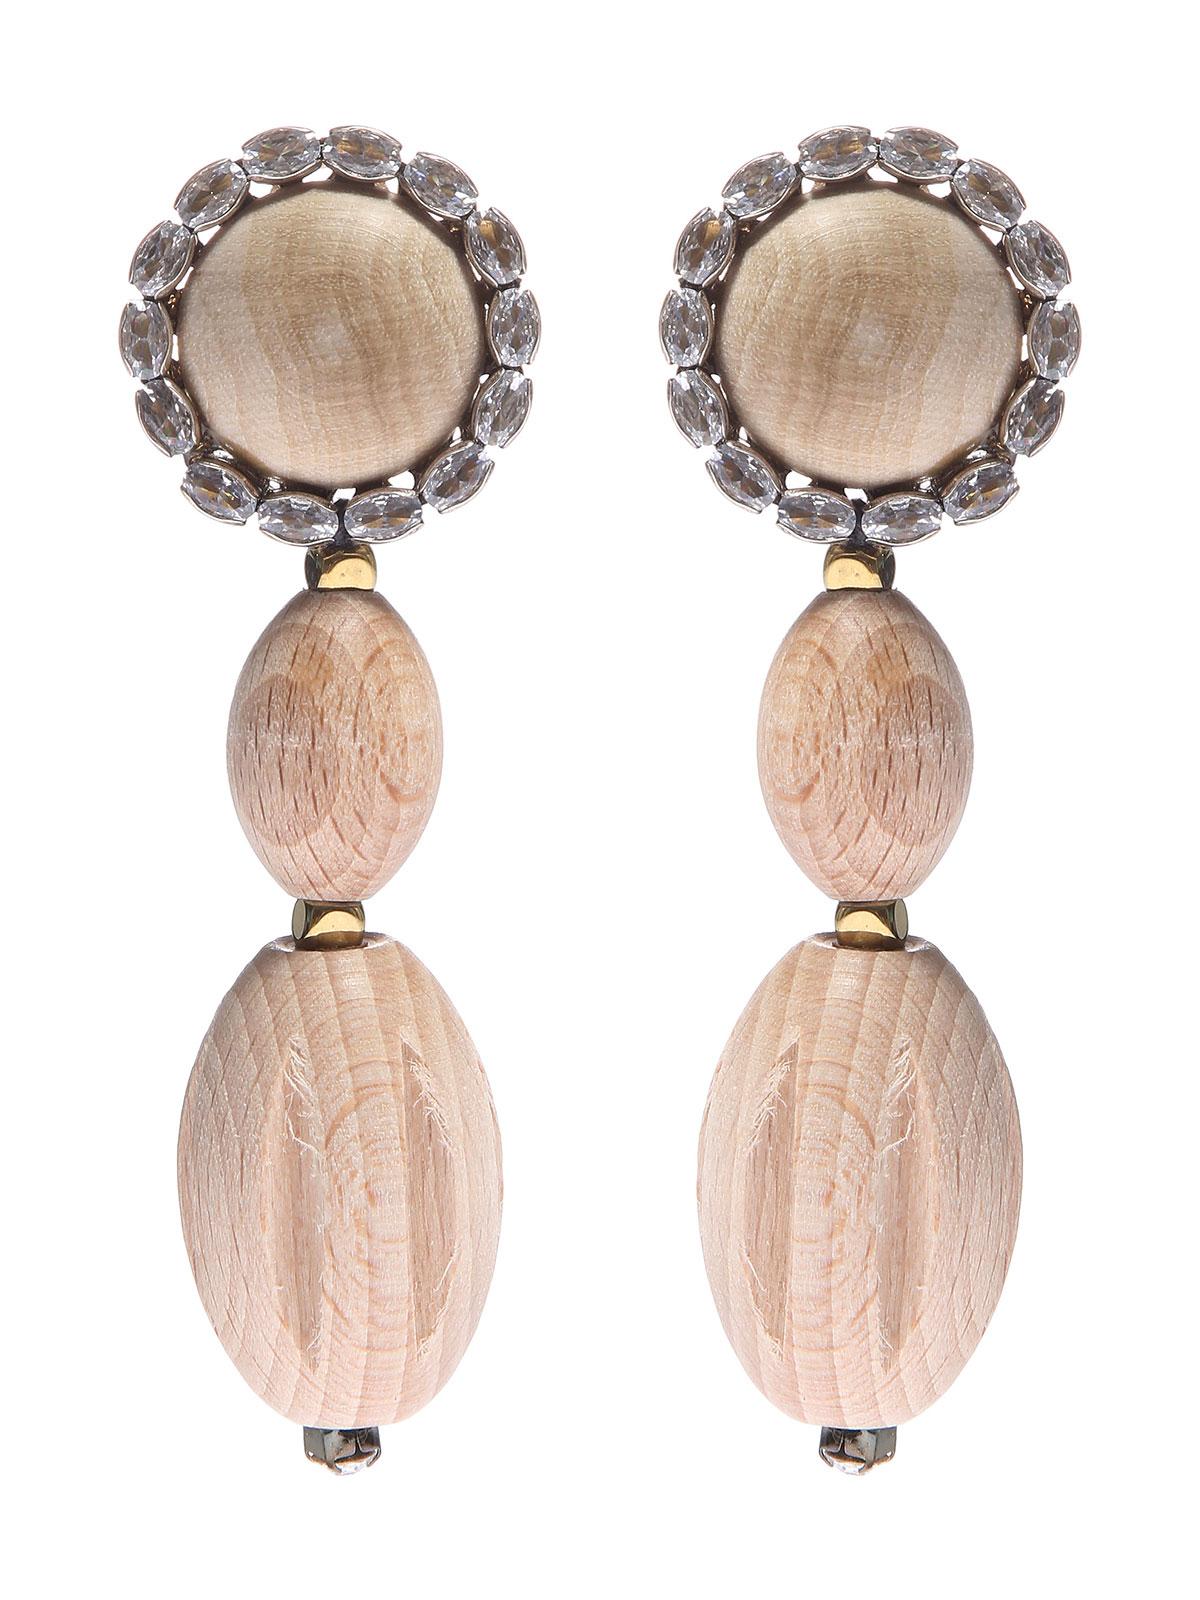 Orecchini con cabochon e pendenti in legno decorati con pietre